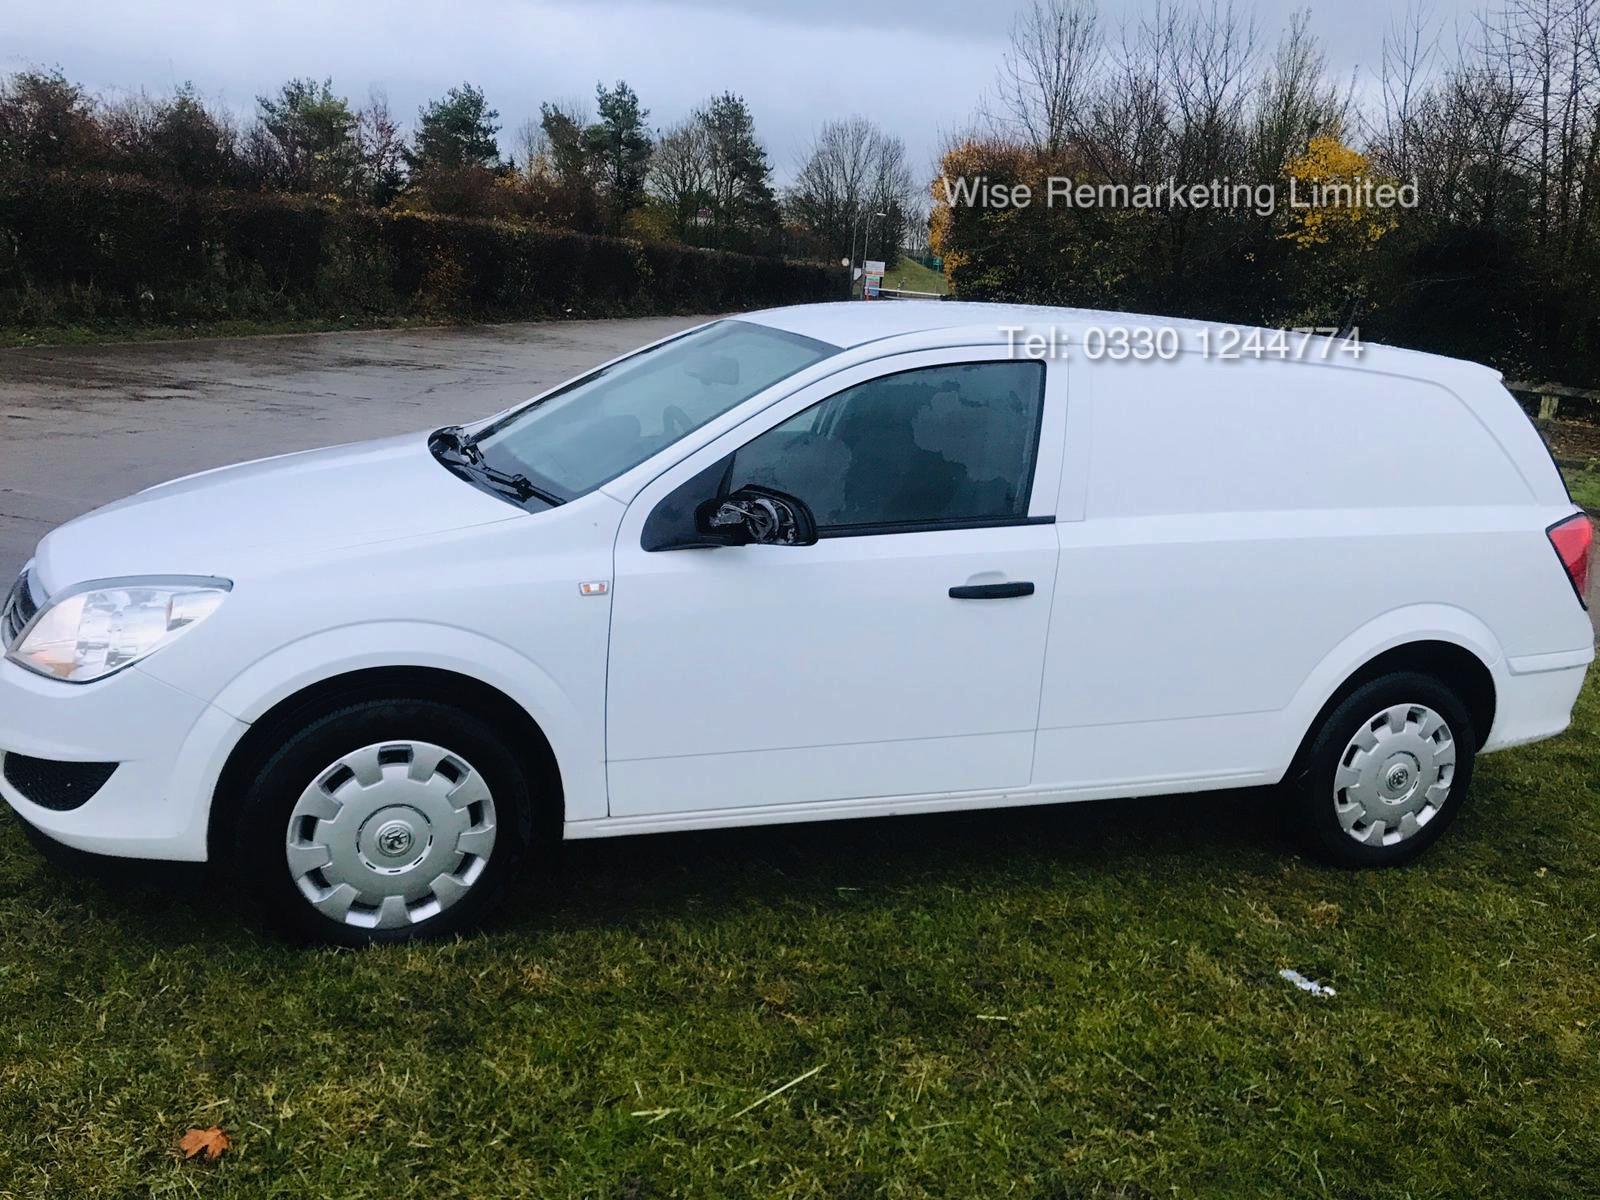 Vauxhall Astra Van 1.3 CDTi - 2011 Model - 5 Seater Crew Van - SAVE 20% NO VAT - Image 3 of 15